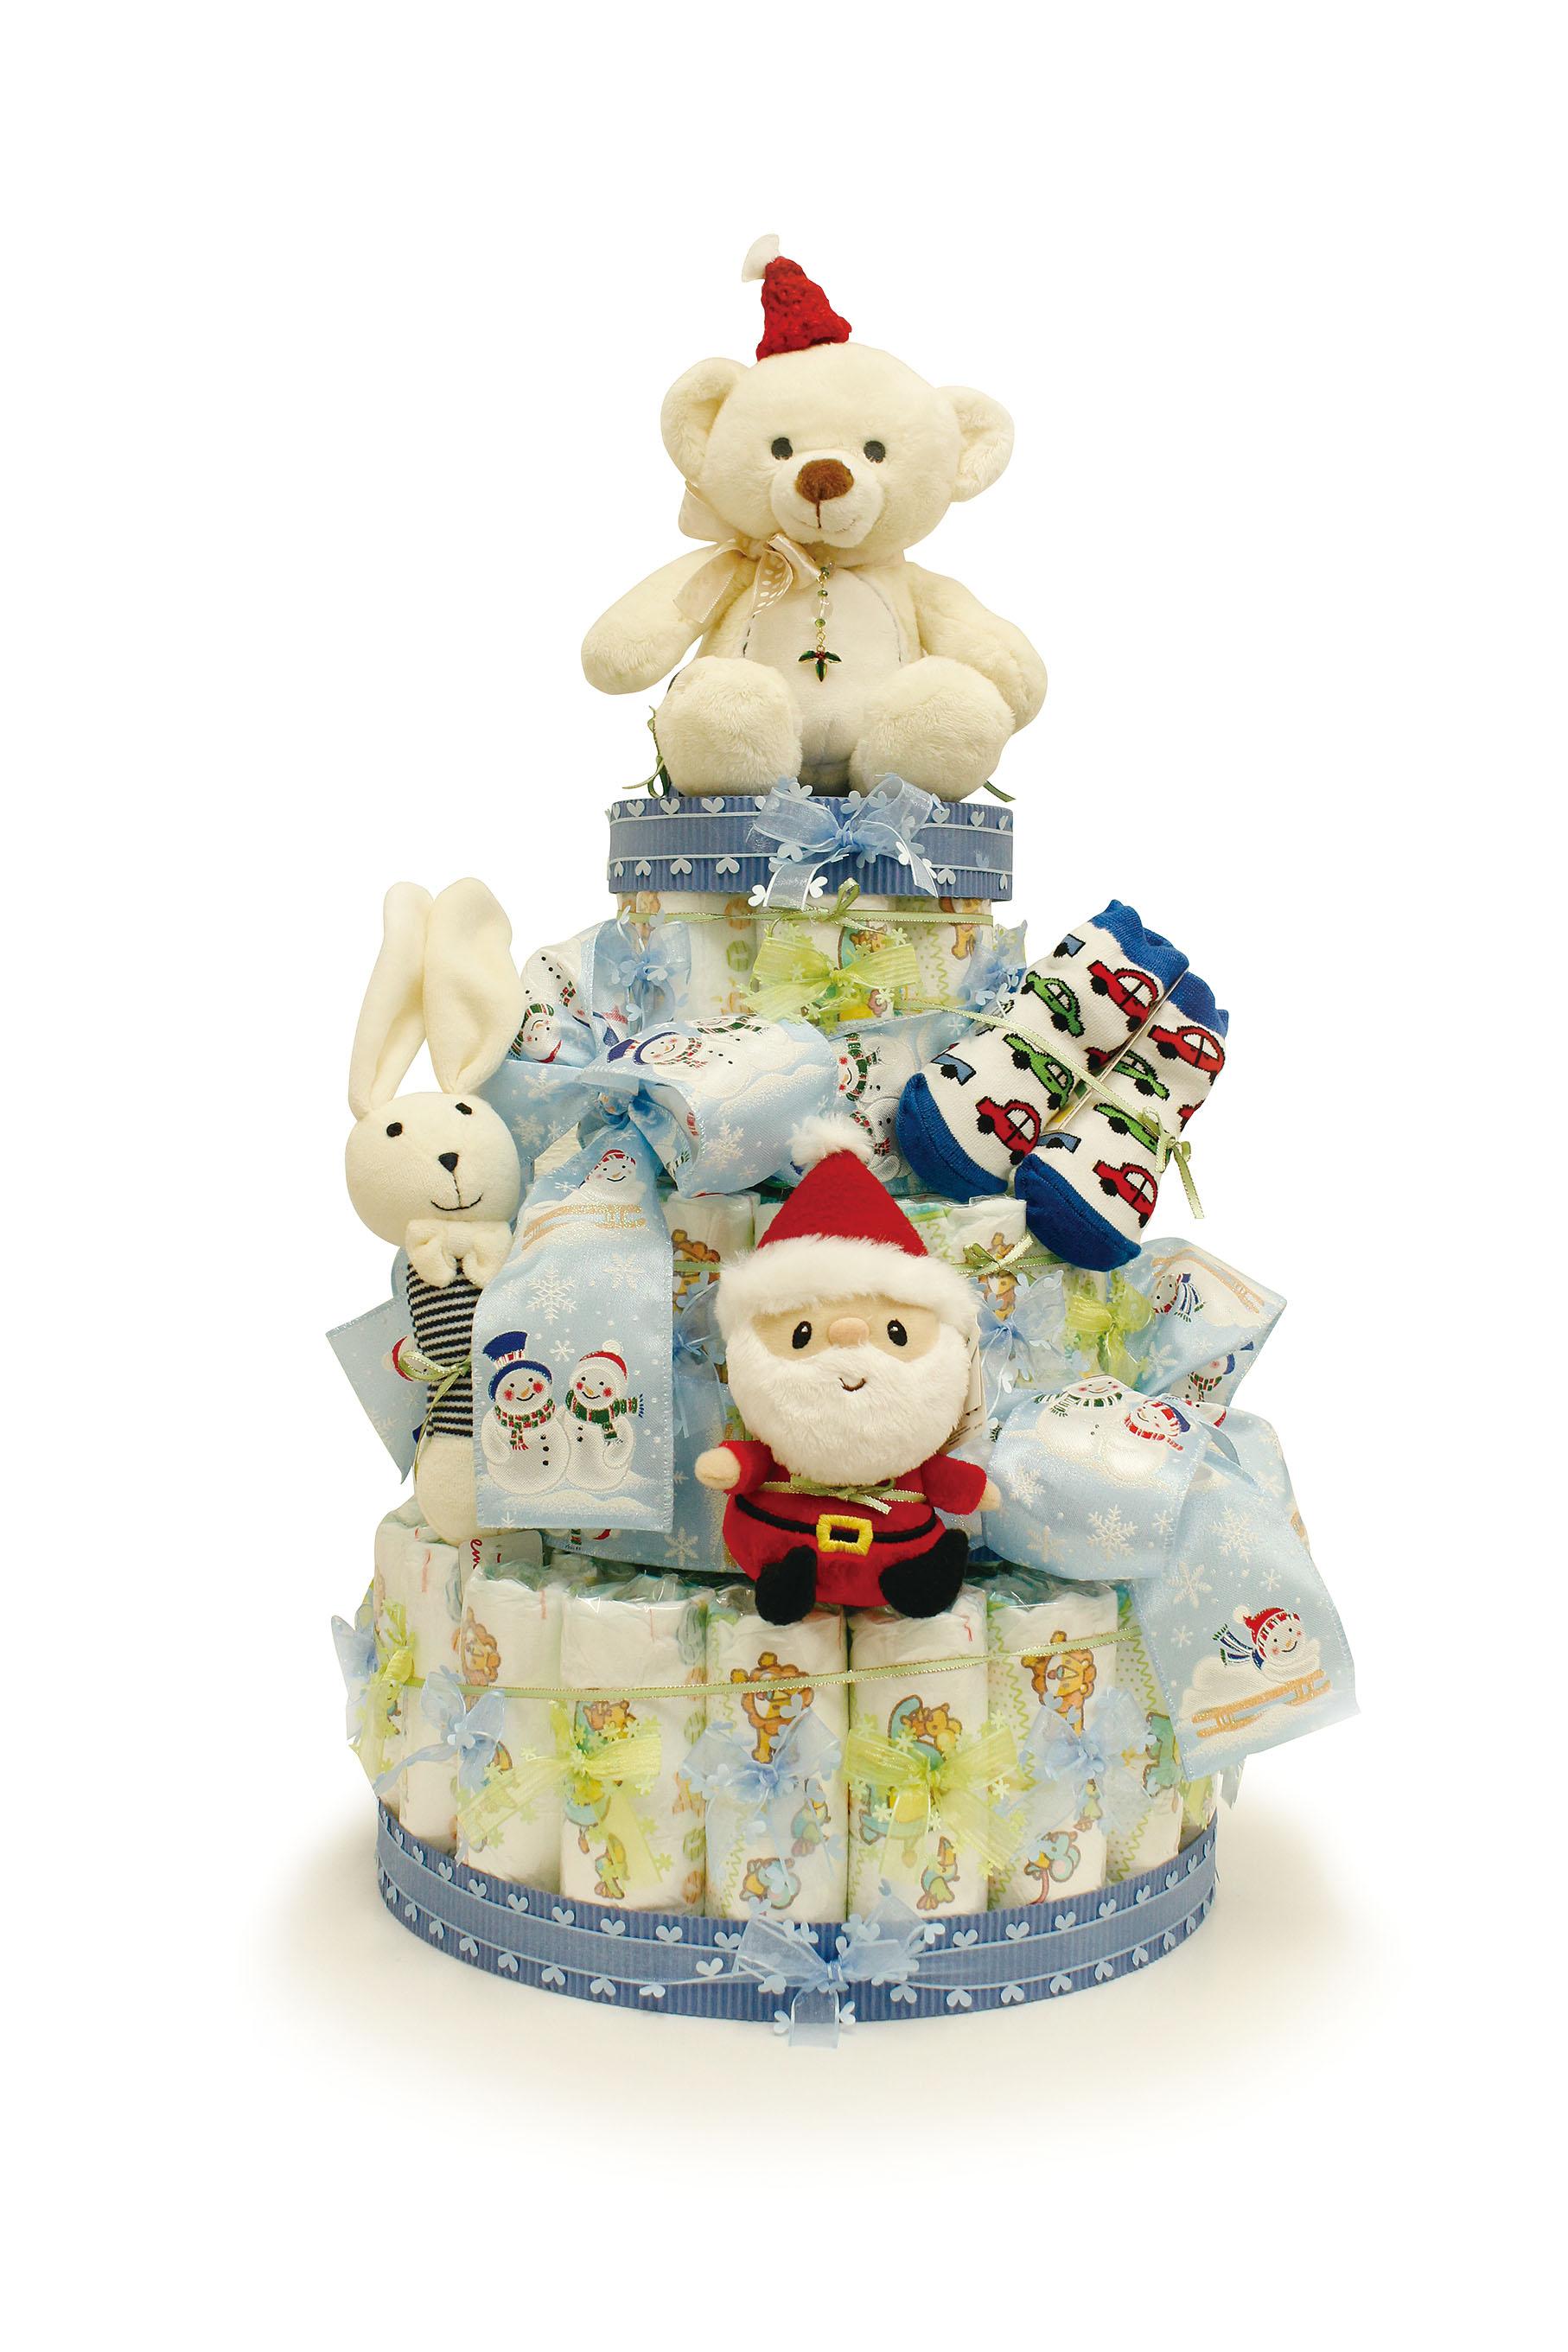 おむつケーキ☆クリスマス ... : パンパース サンプルプレゼント : すべての講義